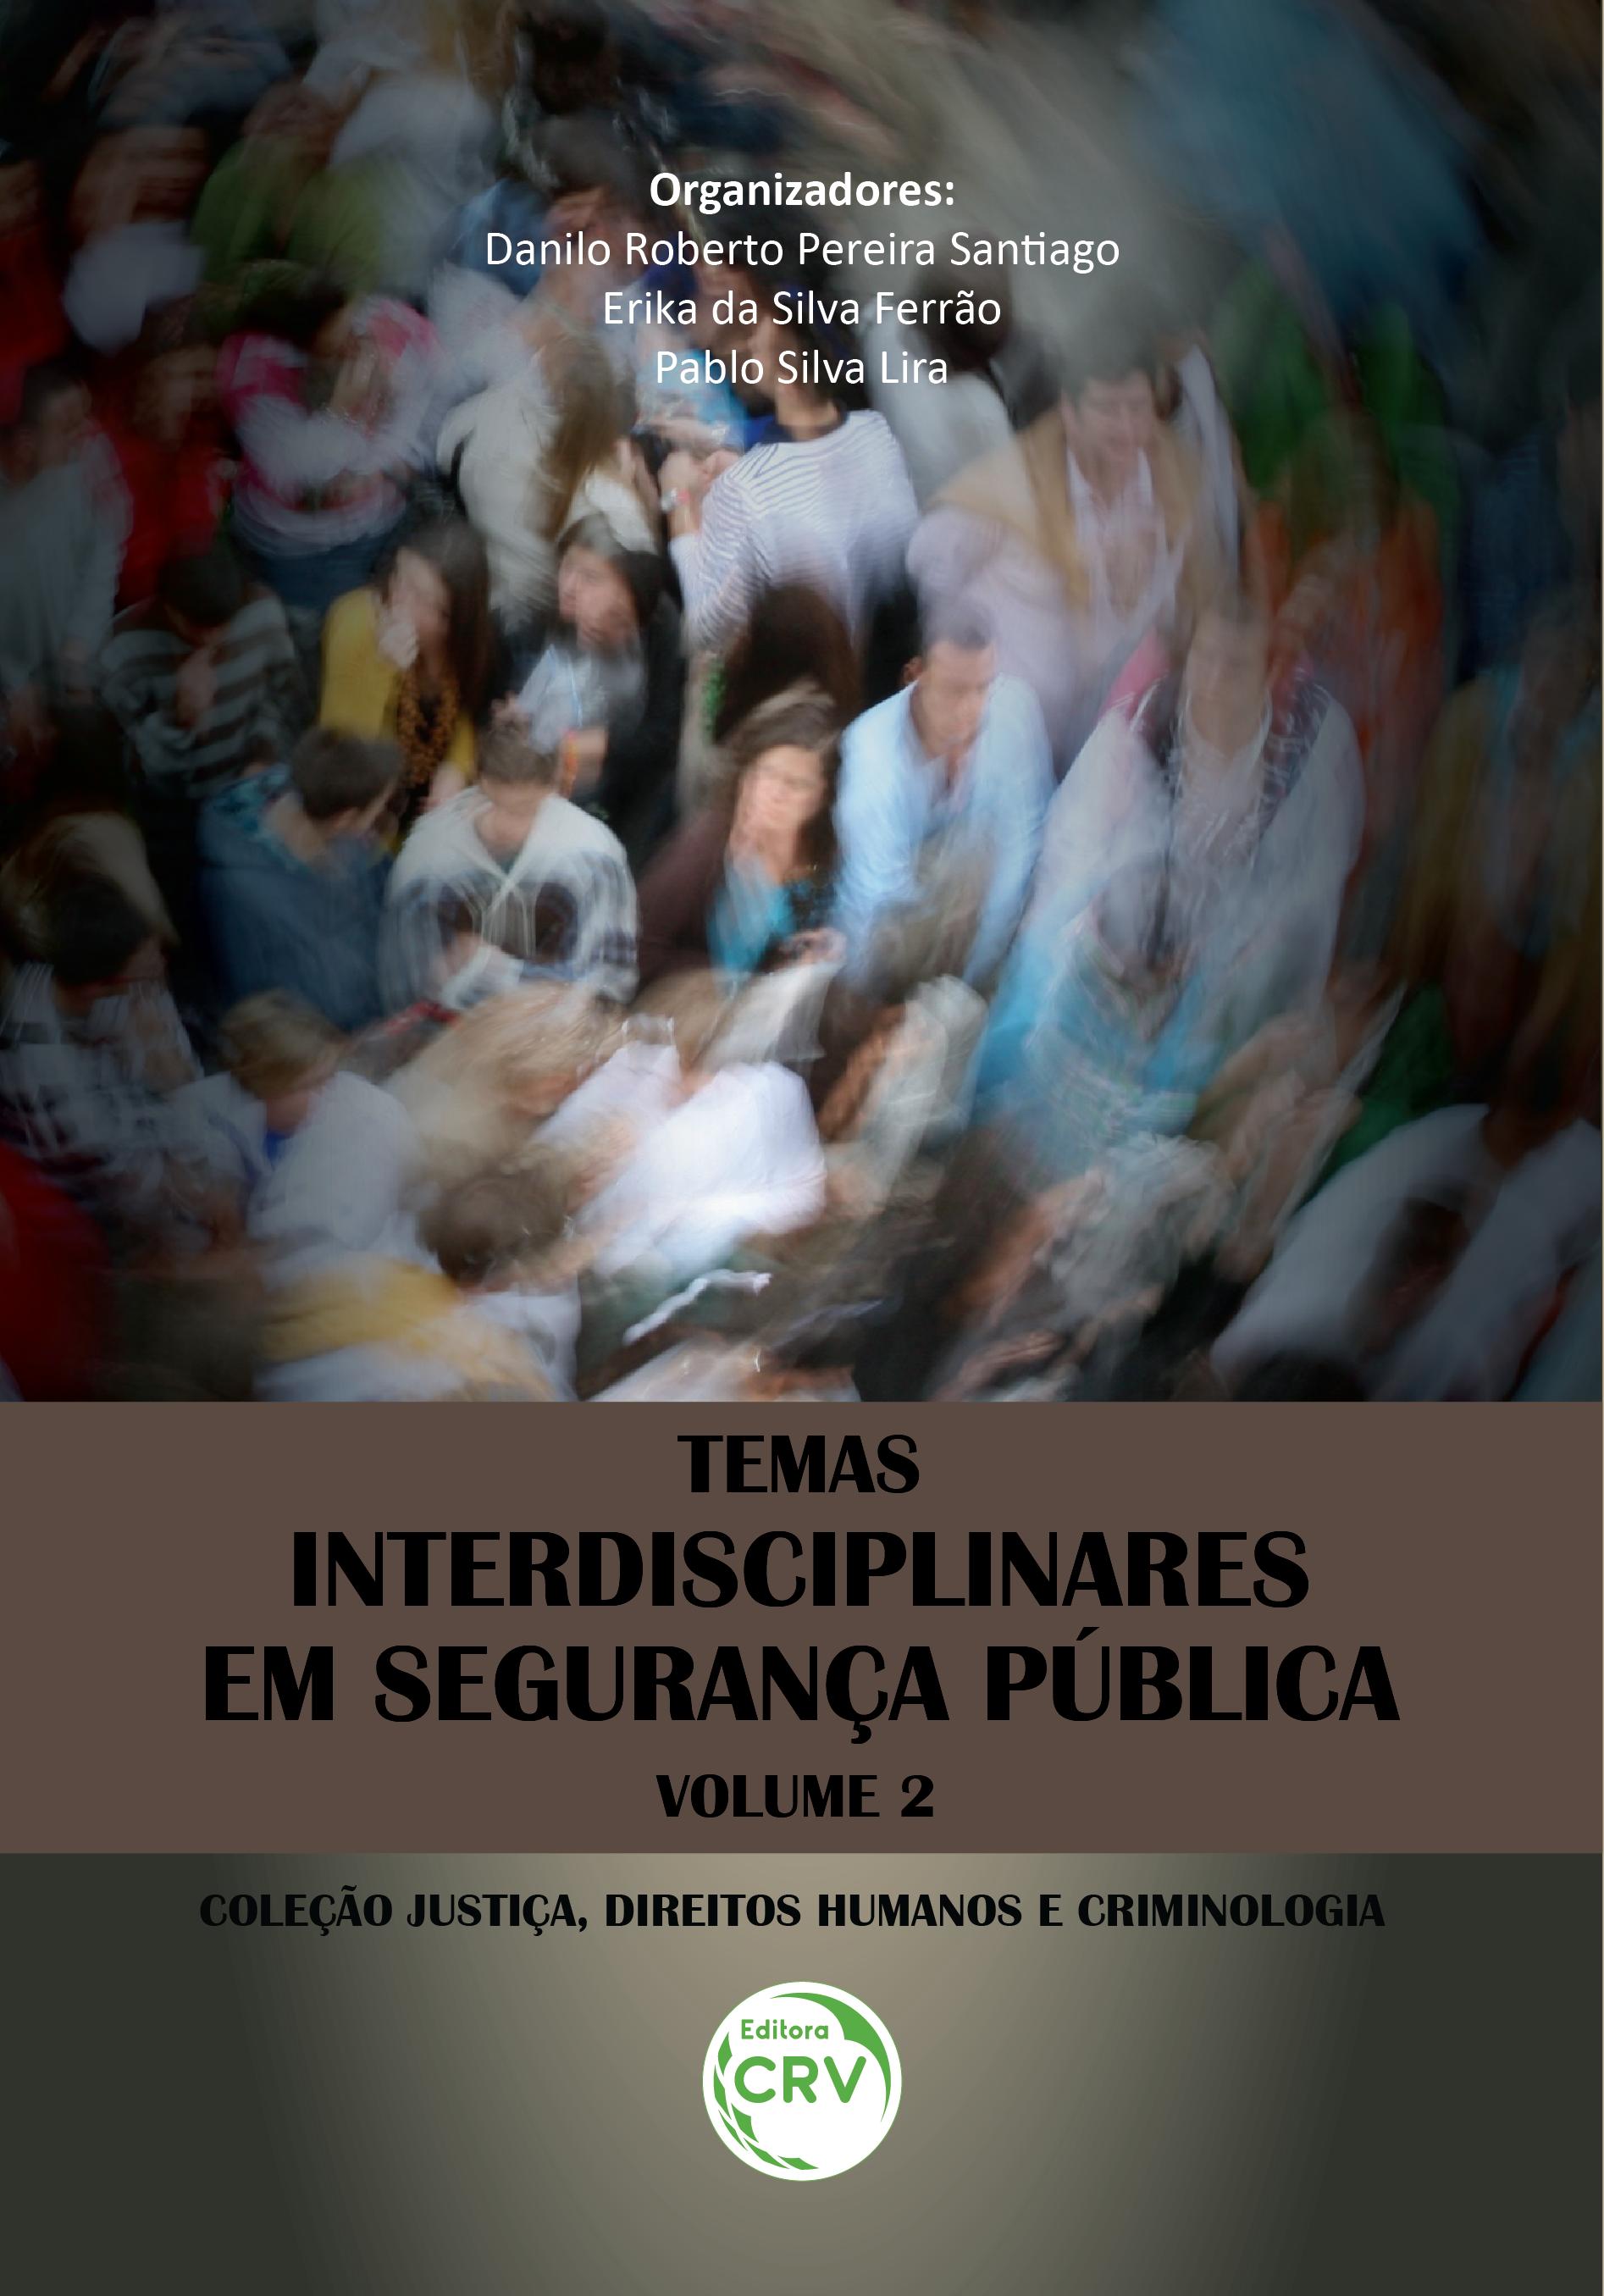 Capa do livro: TEMAS INTERDISCIPLINARES EM SEGURANÇA PÚBLICA <br>Coleção Justiça, Direitos Humanos e Criminologia Volume 2